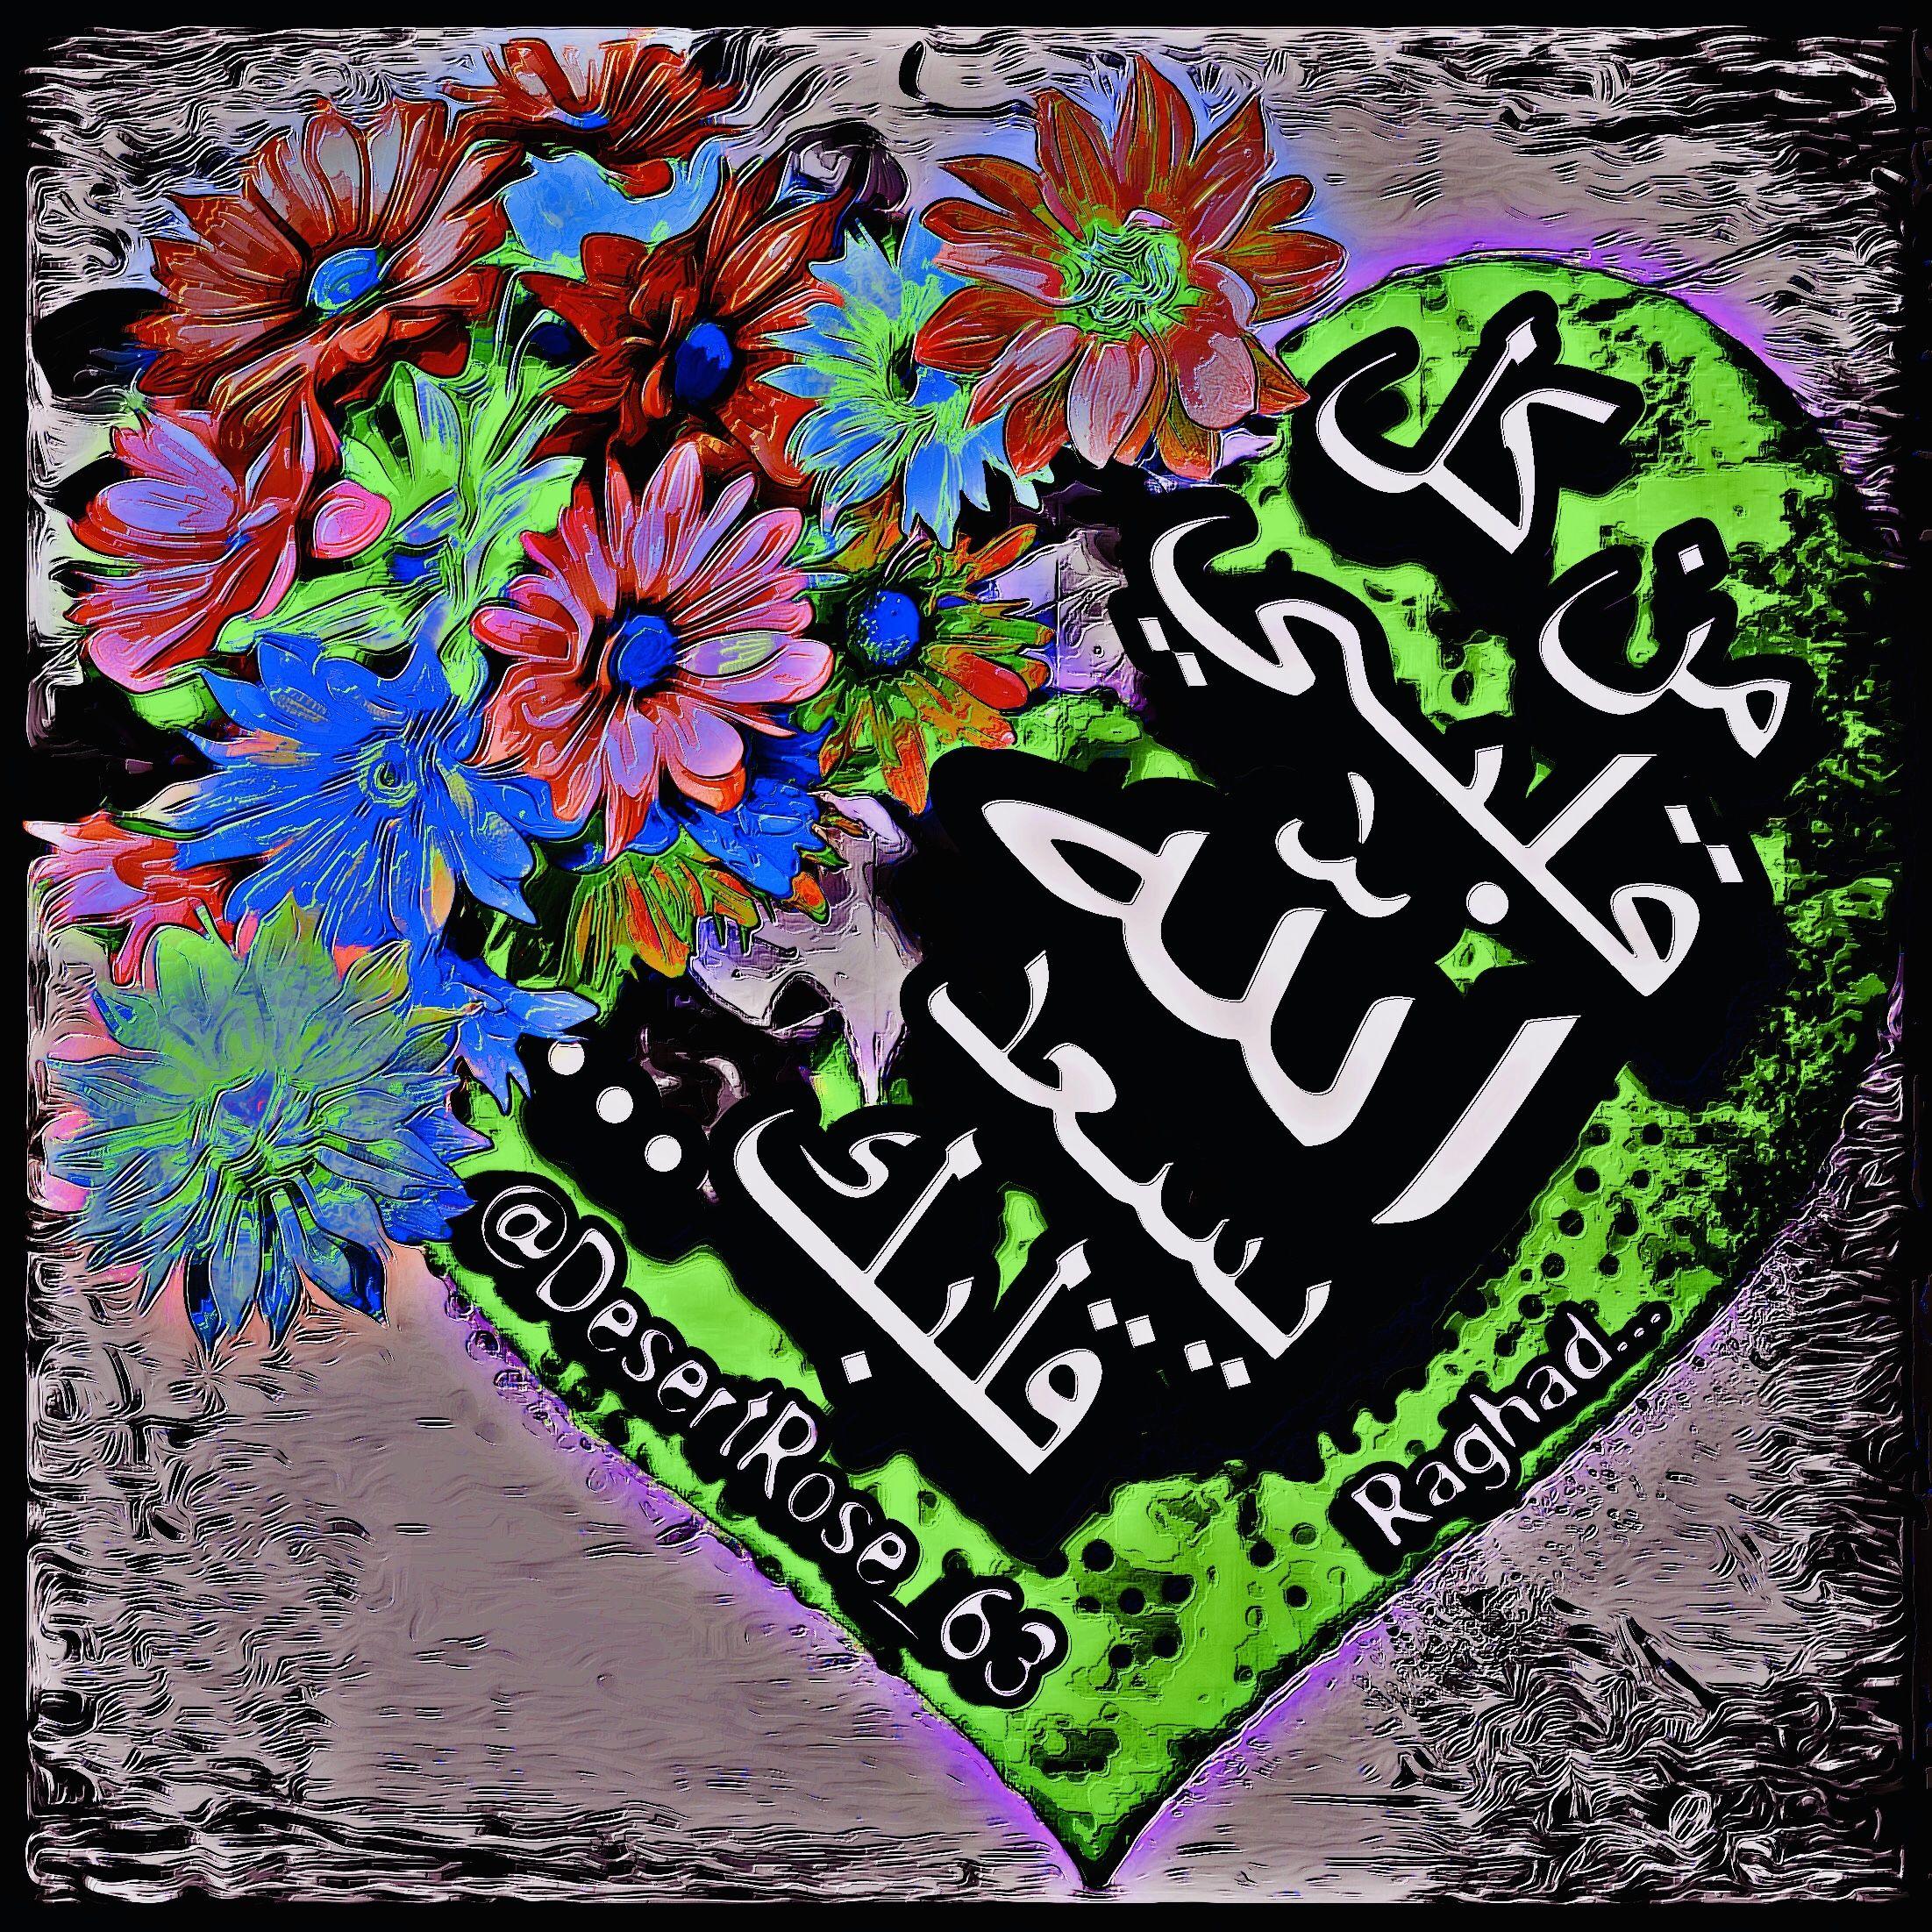 Desertrose 63 من كل قلبي الله يسعد قلبك